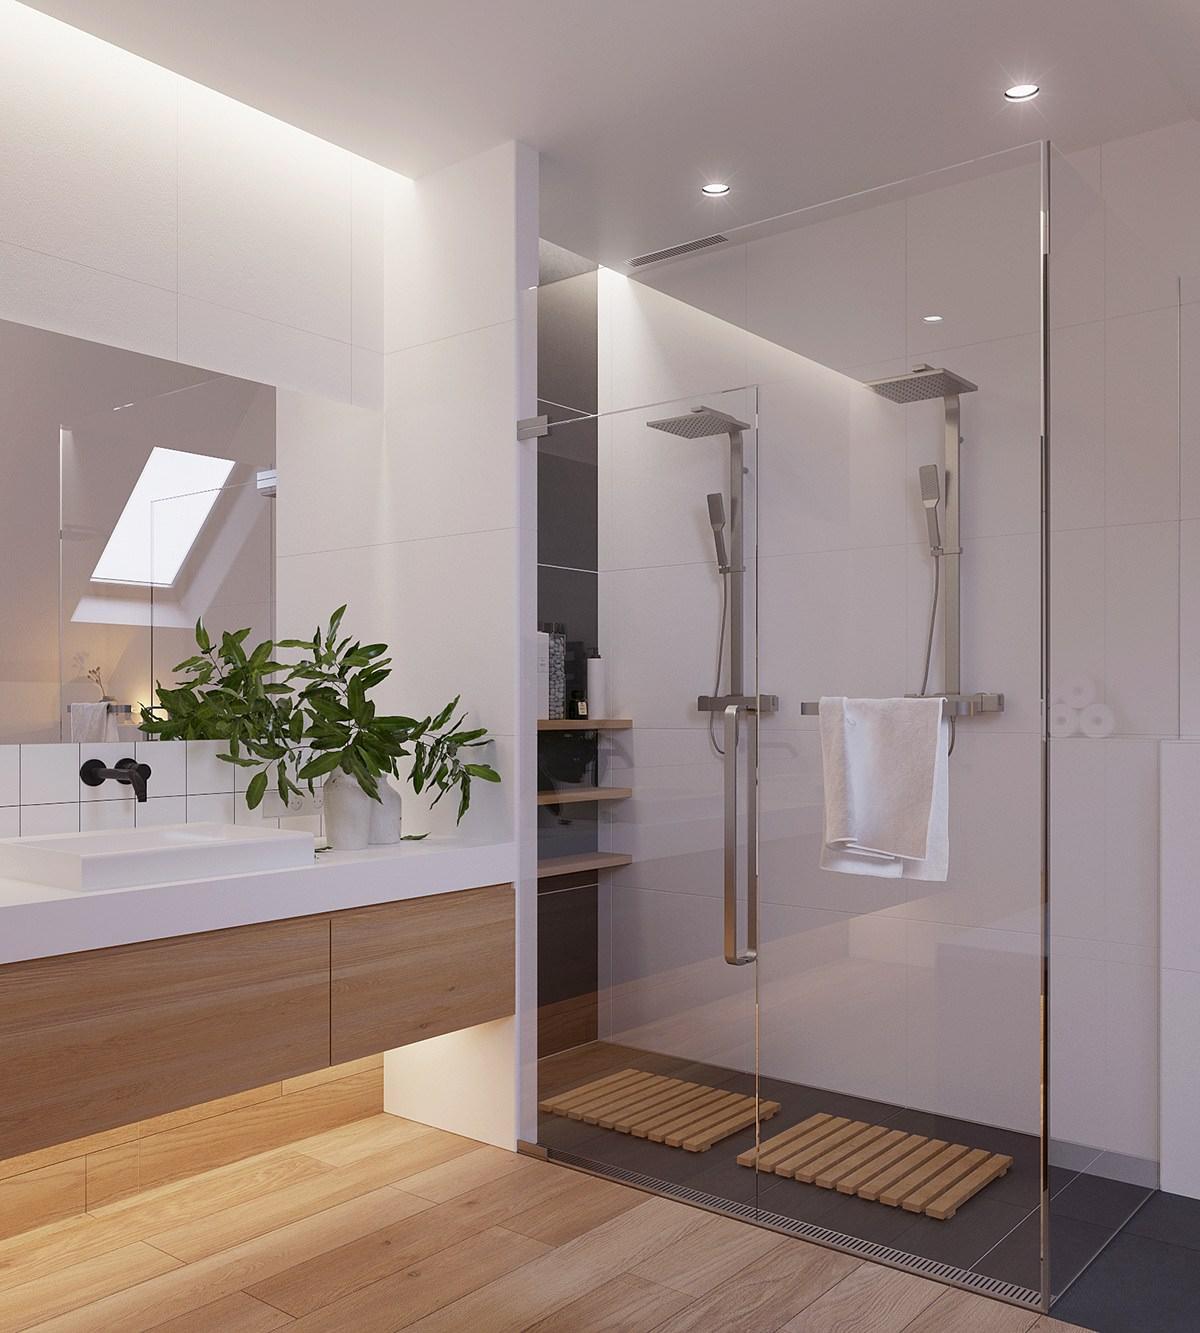 100 idee di bagni moderni Bagni moderni, Arredamento